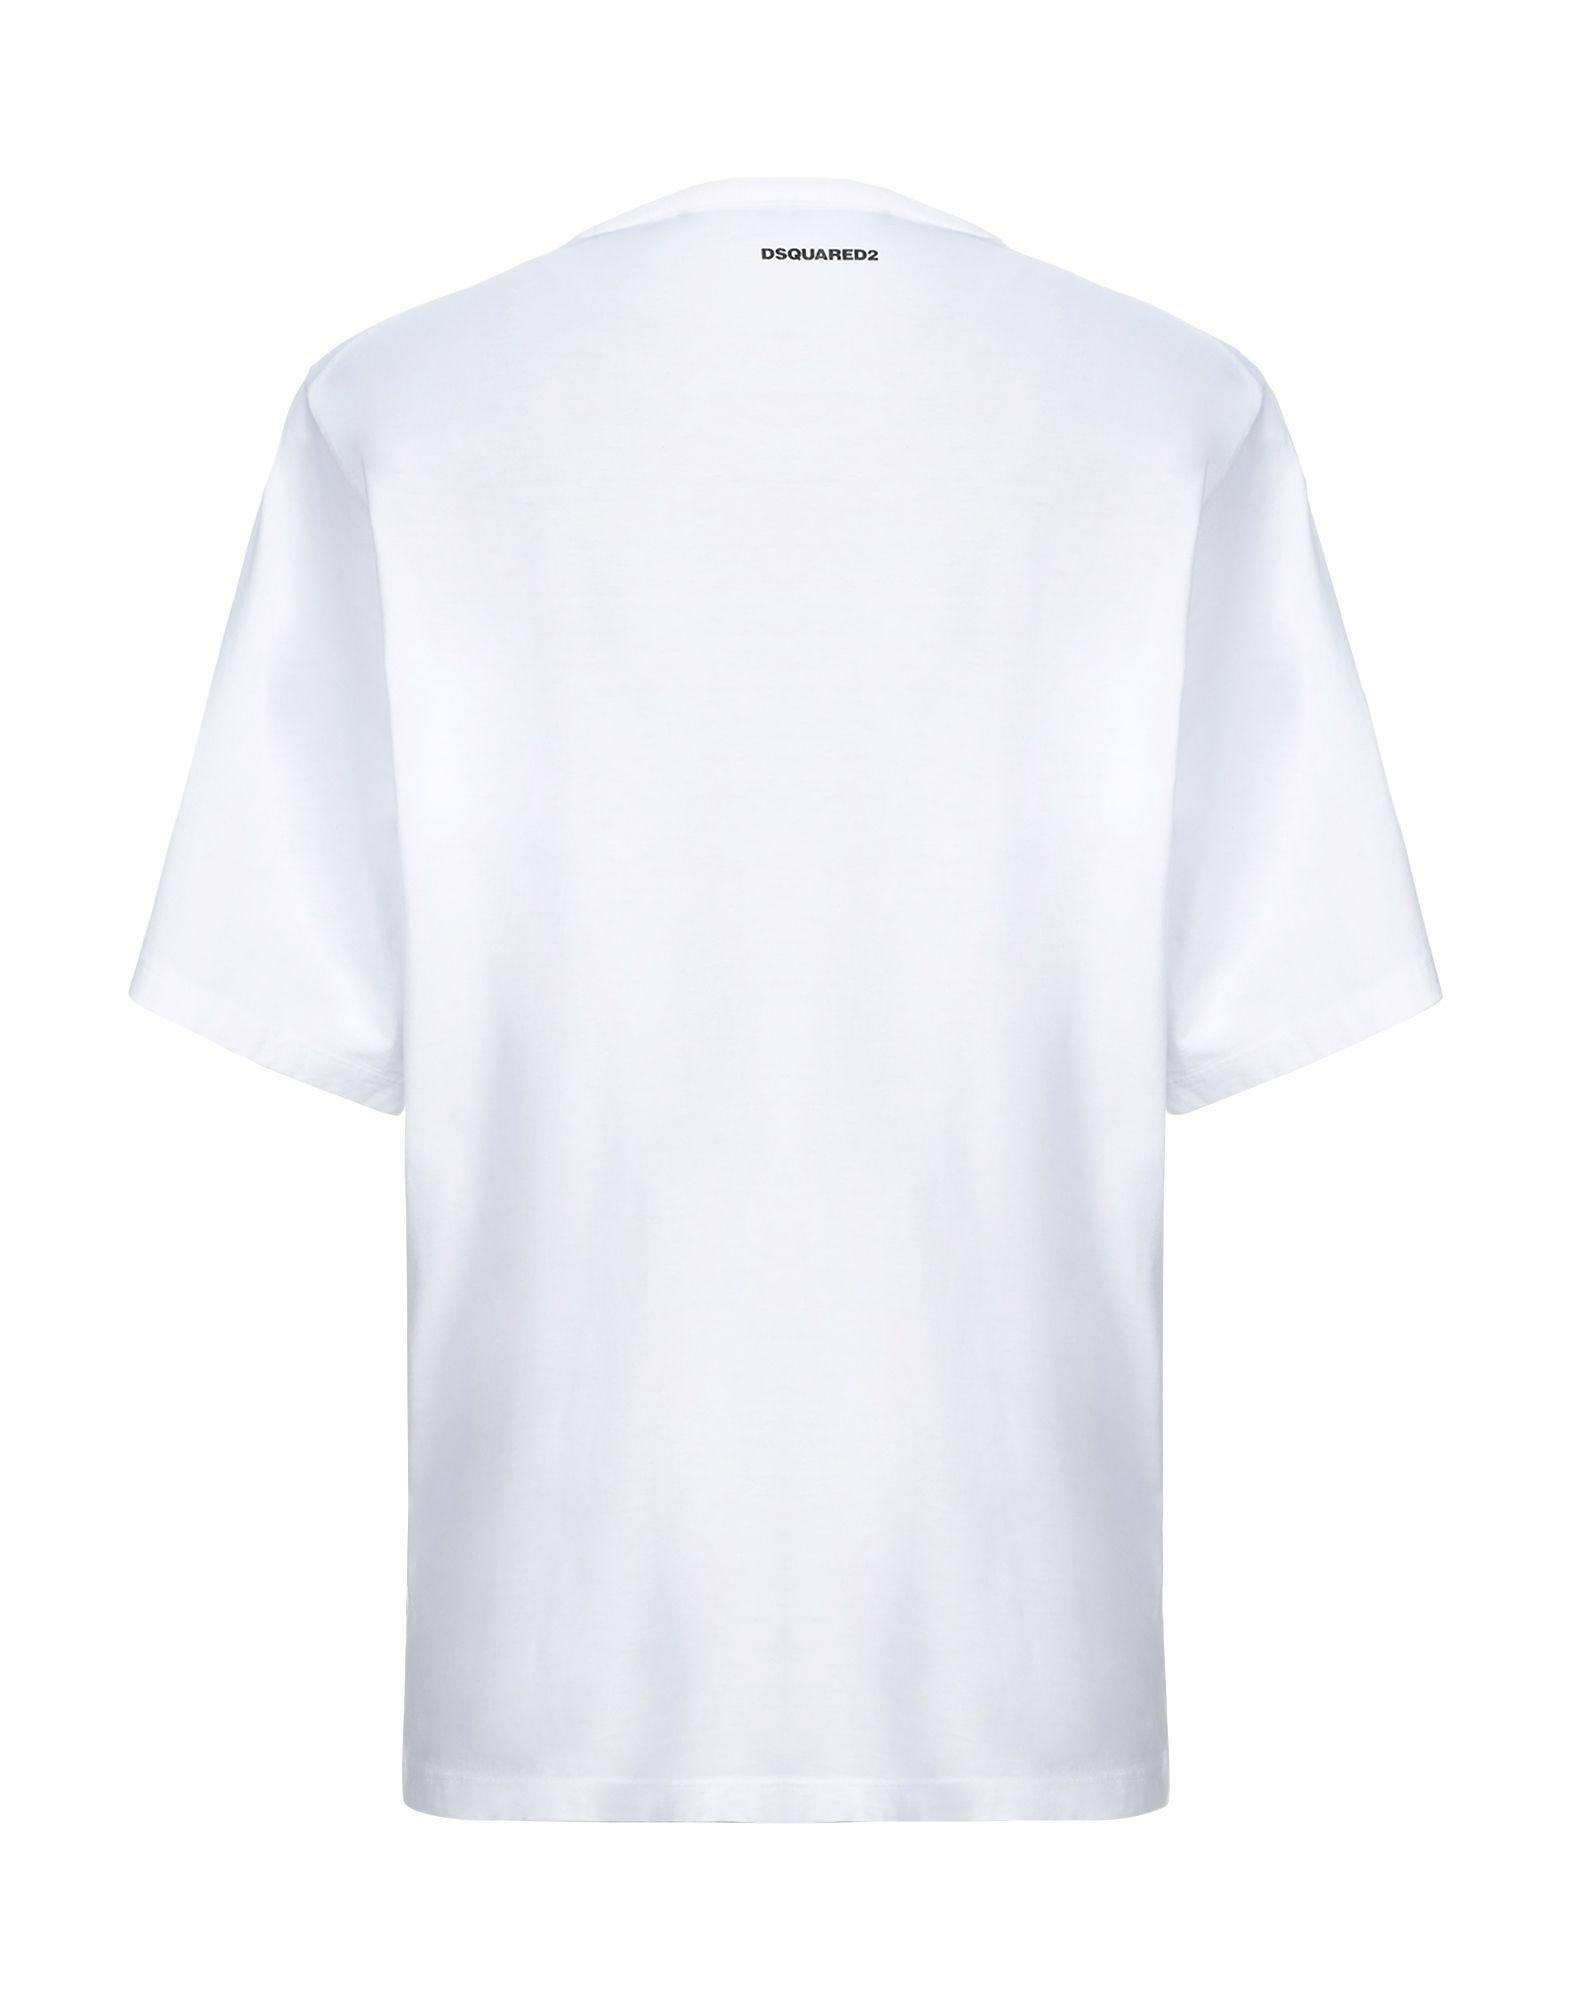 Dsquared2 White Cotton Print T-Shirt